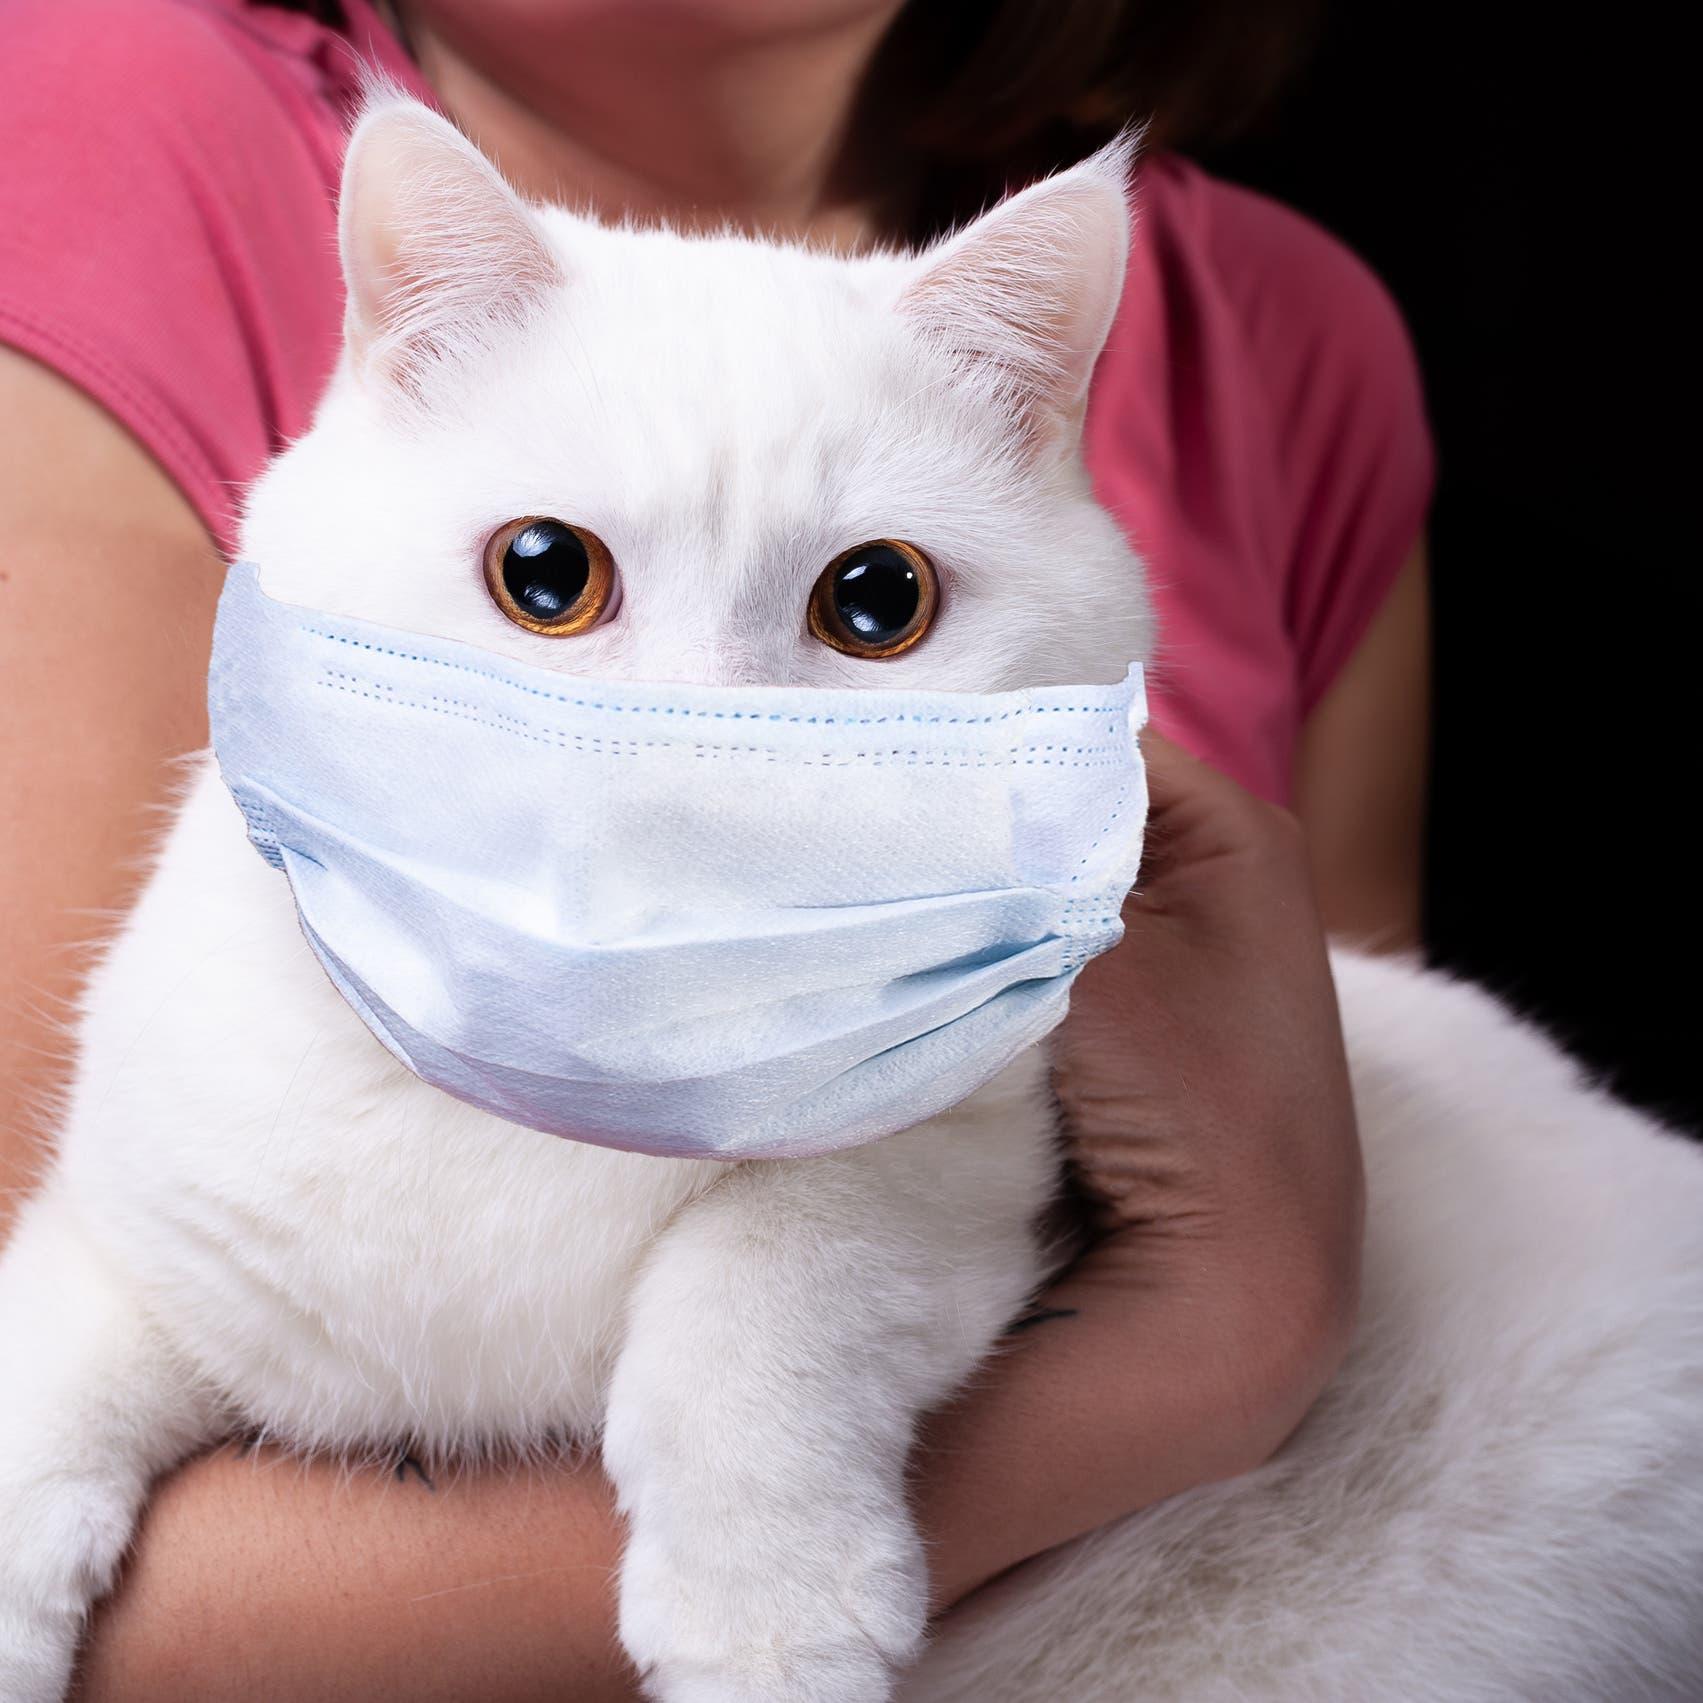 عدوى كورونا تتوقف عند الحيوان.. تصيبه ولا يصيبك